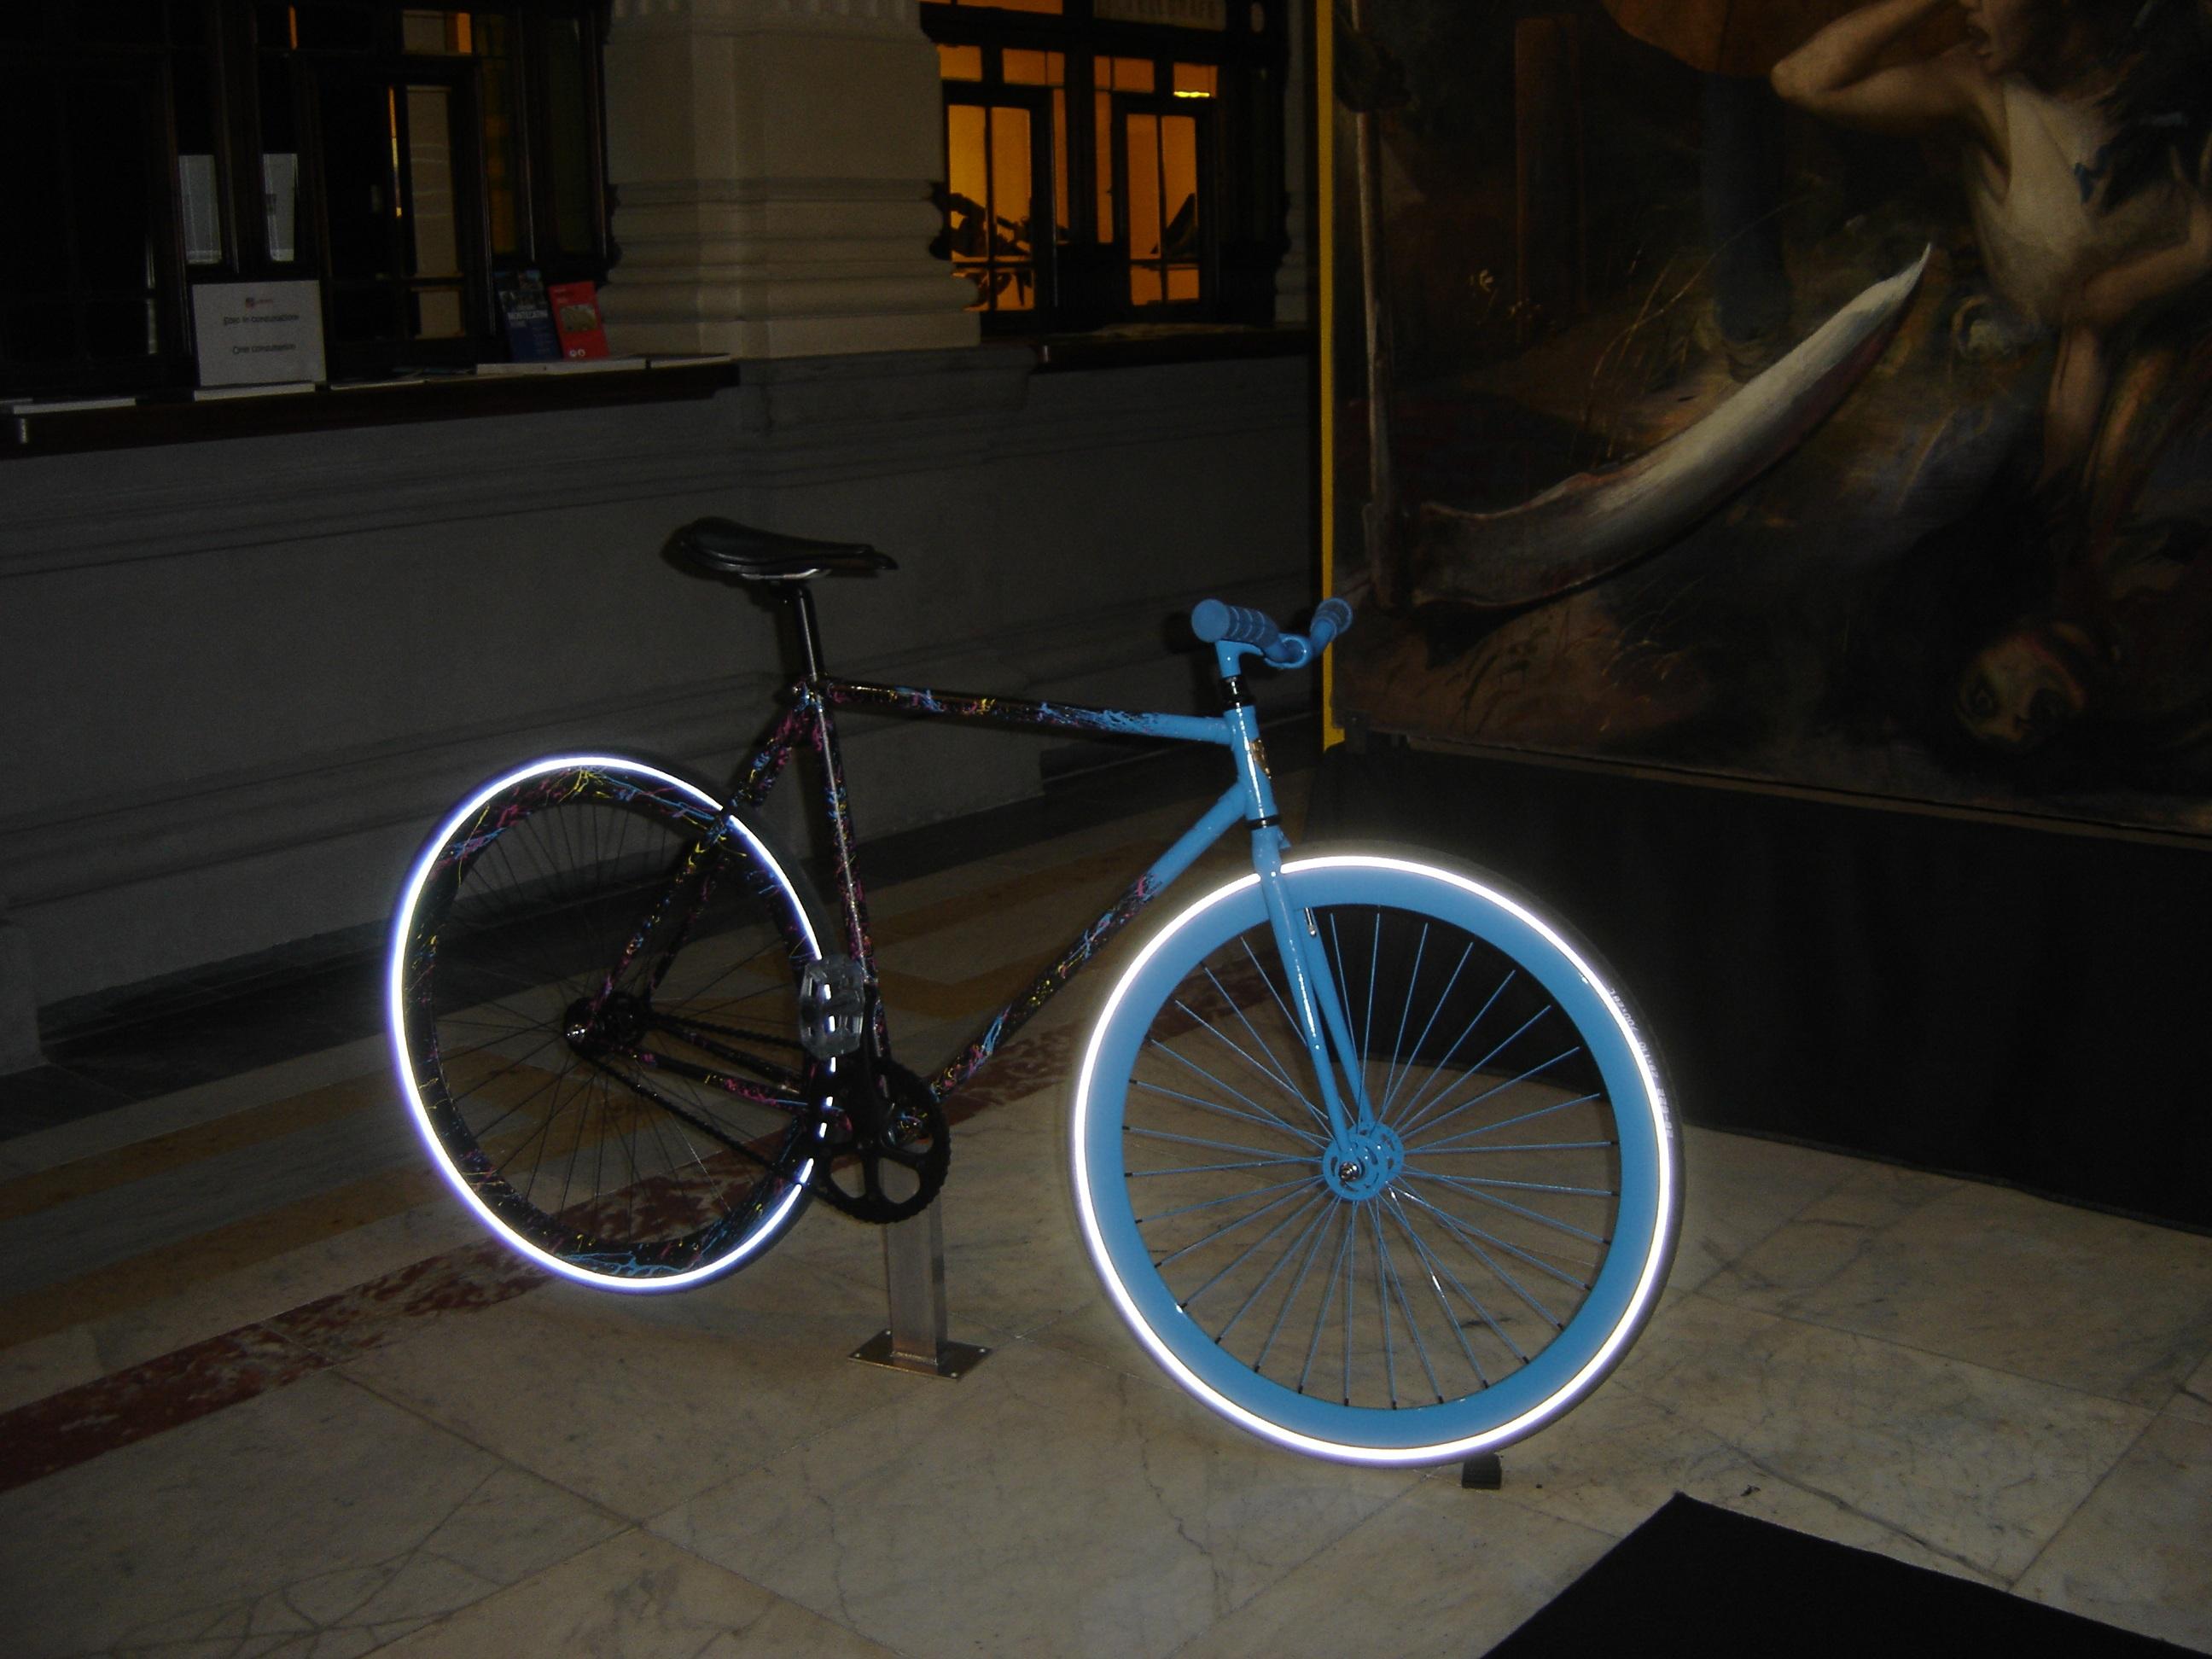 Картинки велосипеда тюнинг фото